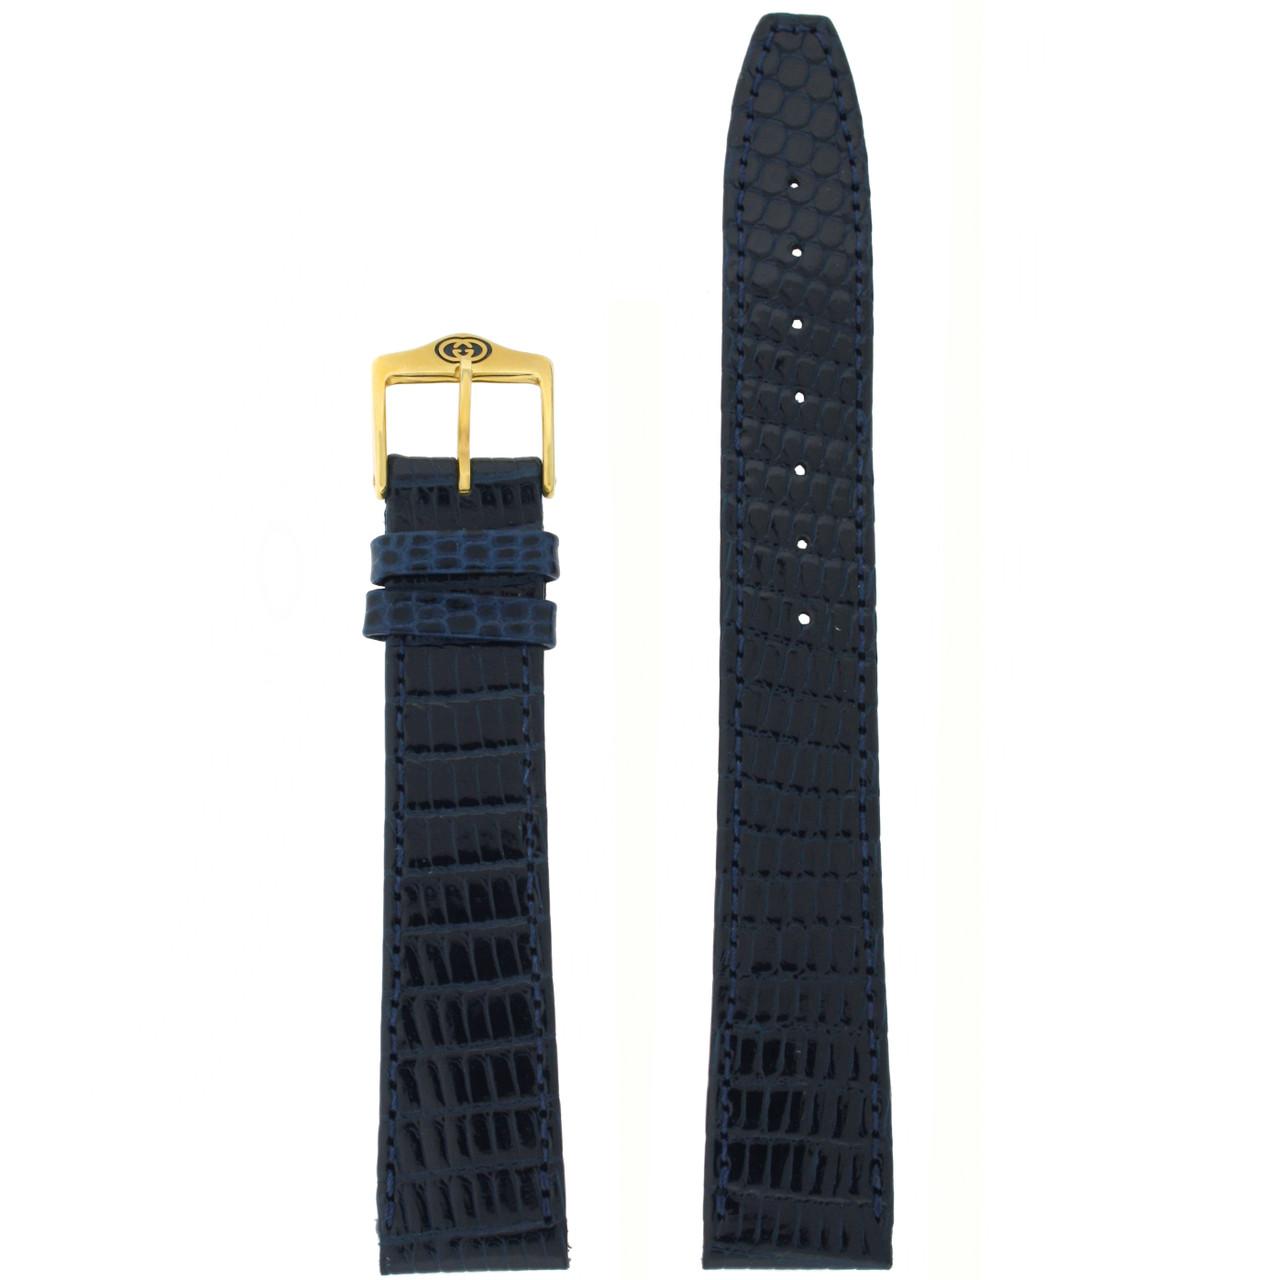 Gucci watch strap 5300M 8000L 3000J 3800J 715L